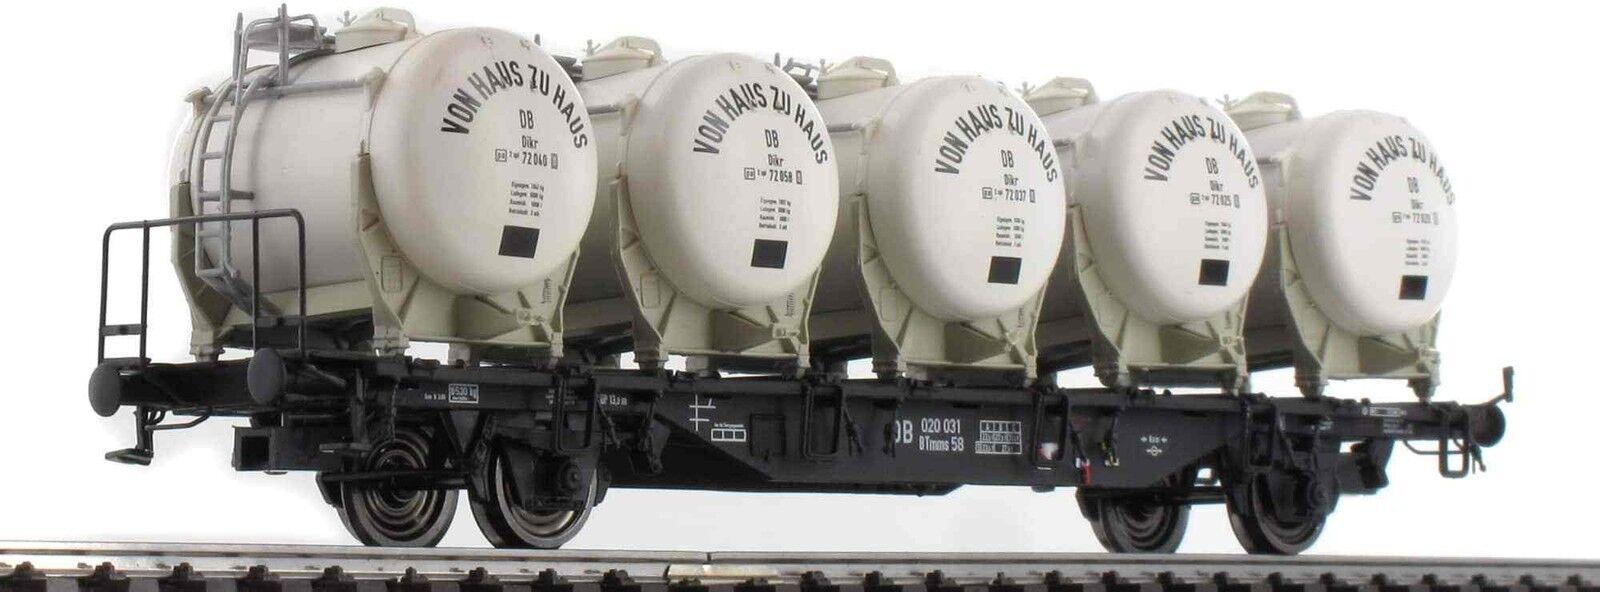 Brawa ho 49123 recipientes carro estructural btmms 58  de casa en casa de  DB EP. III nuevo ov